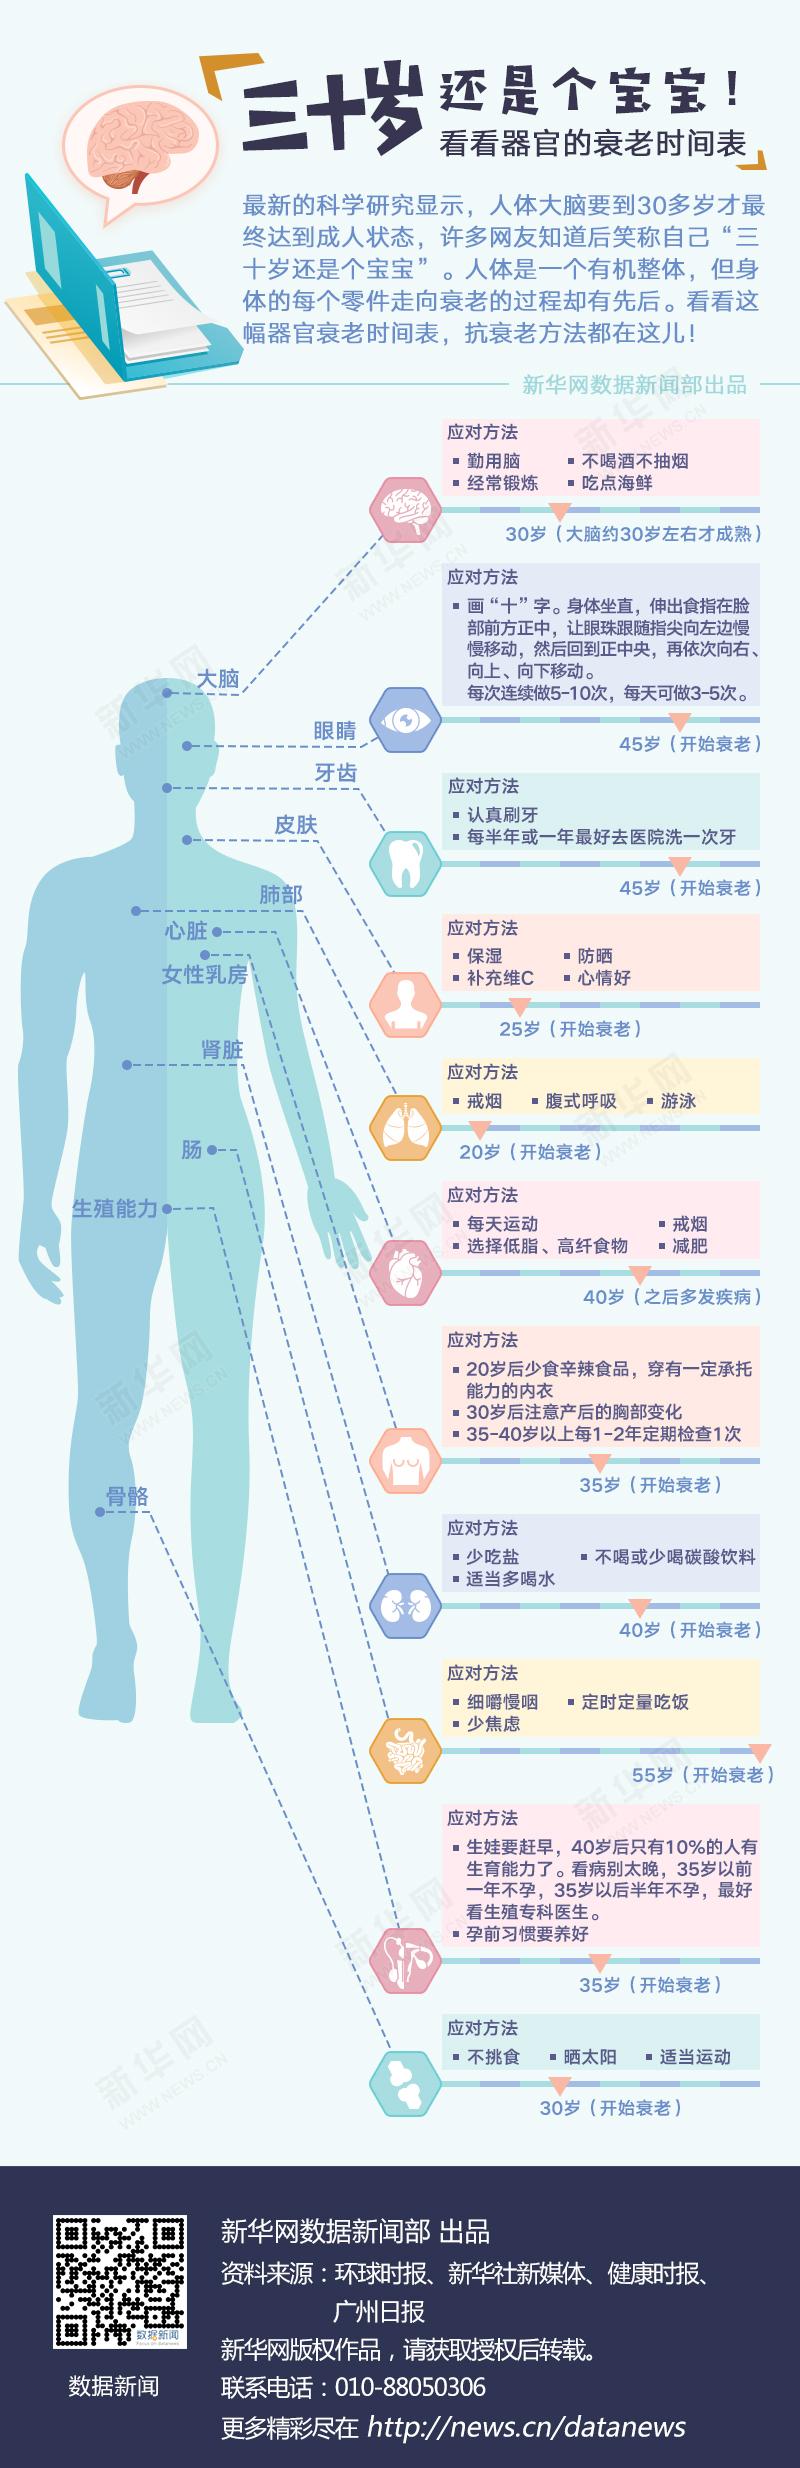 看看器官的衰老时间表